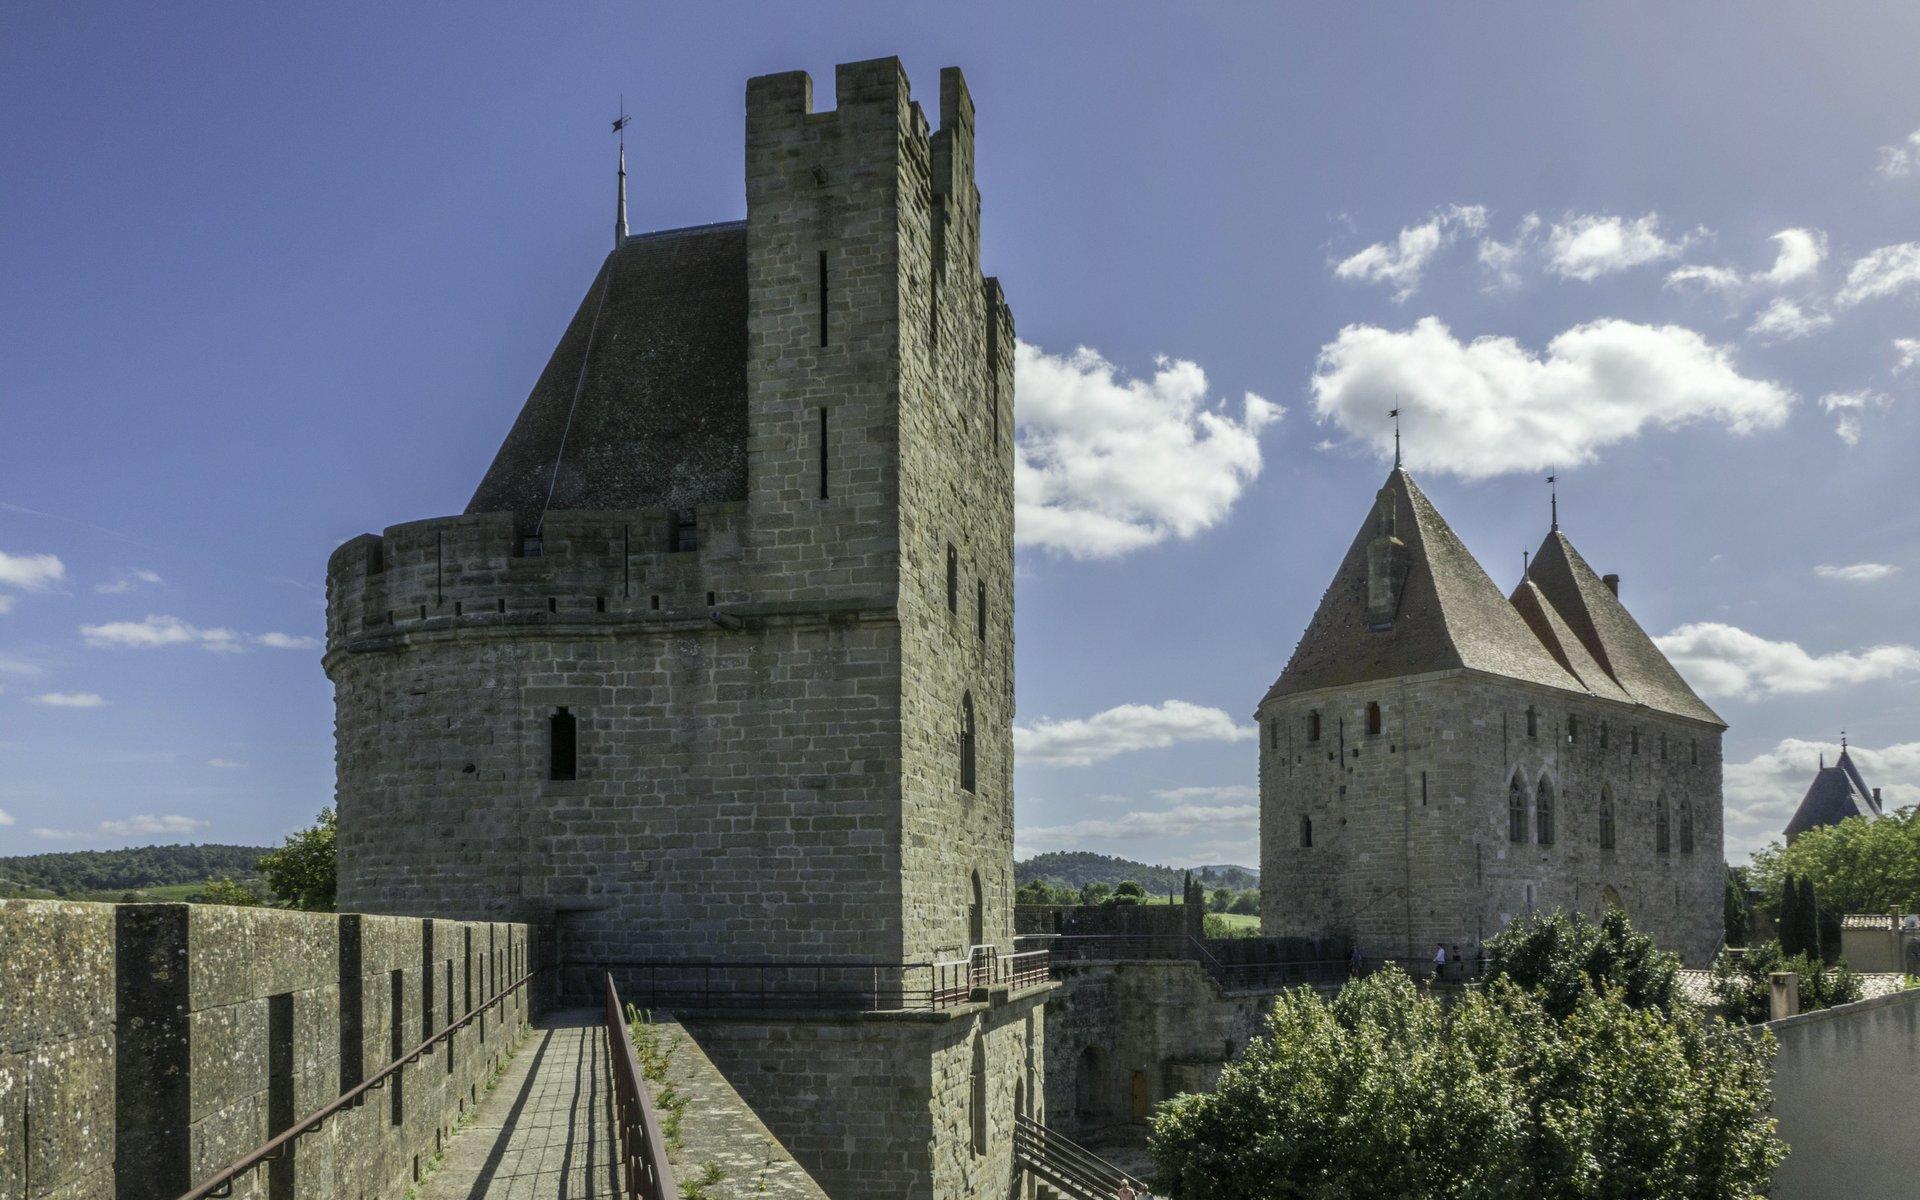 Tour de Tréseau und Porte Narbonnaise der Cité Carcassonne